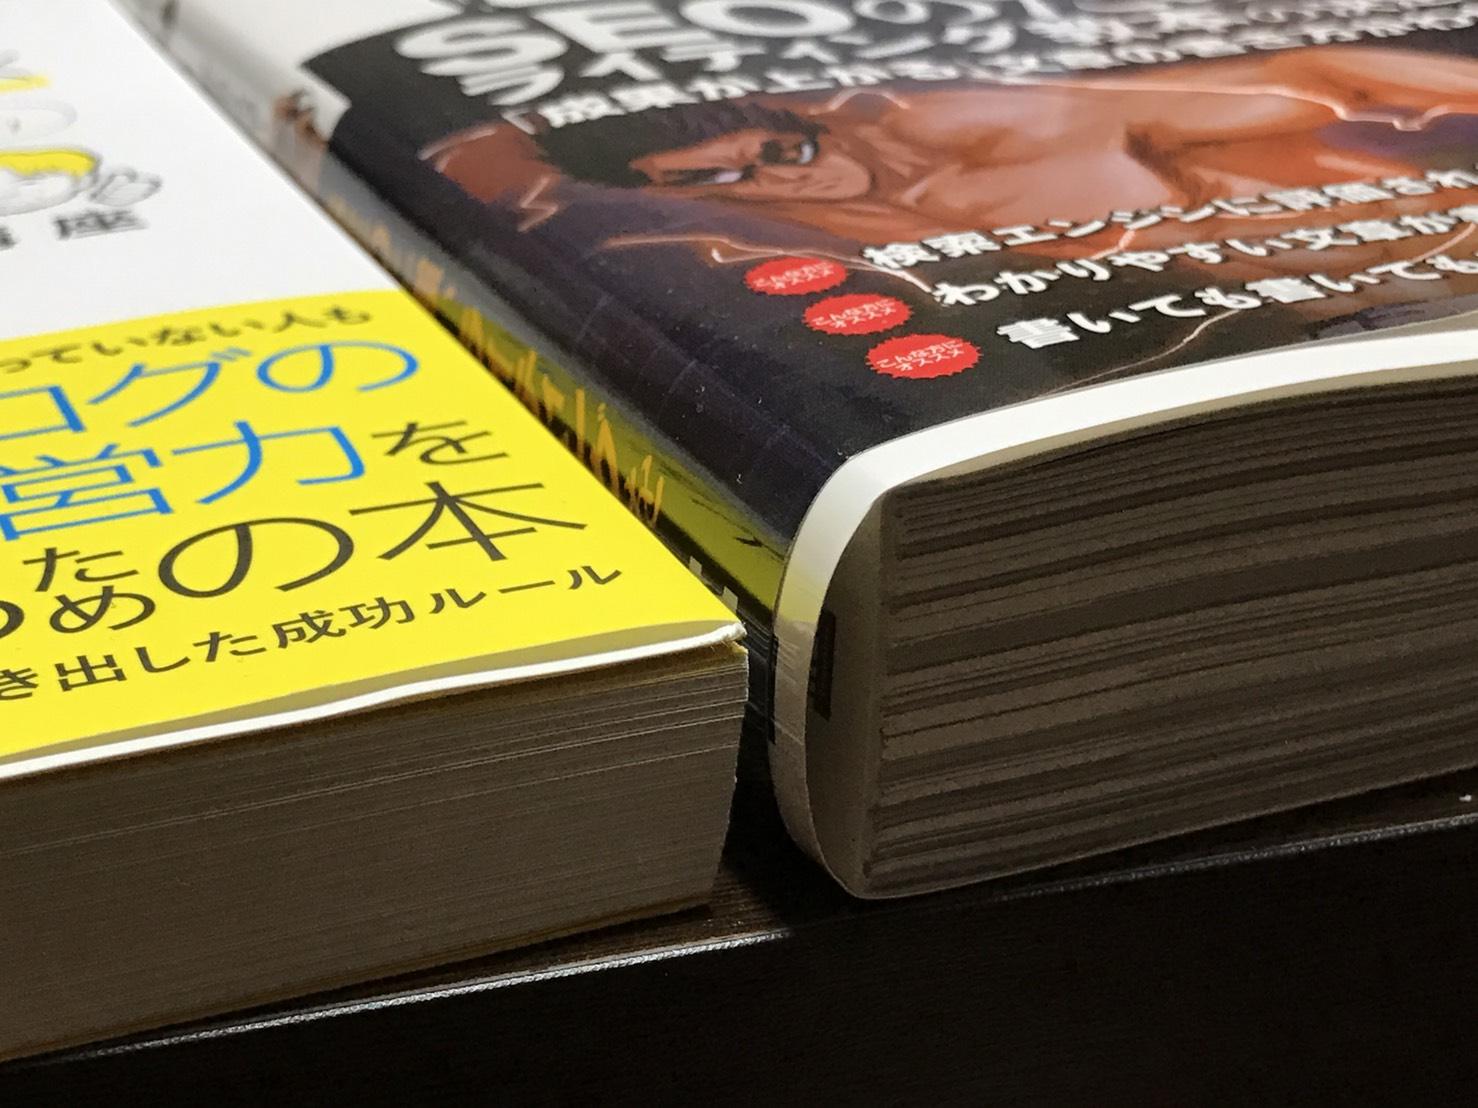 紙の本でこの分厚さ